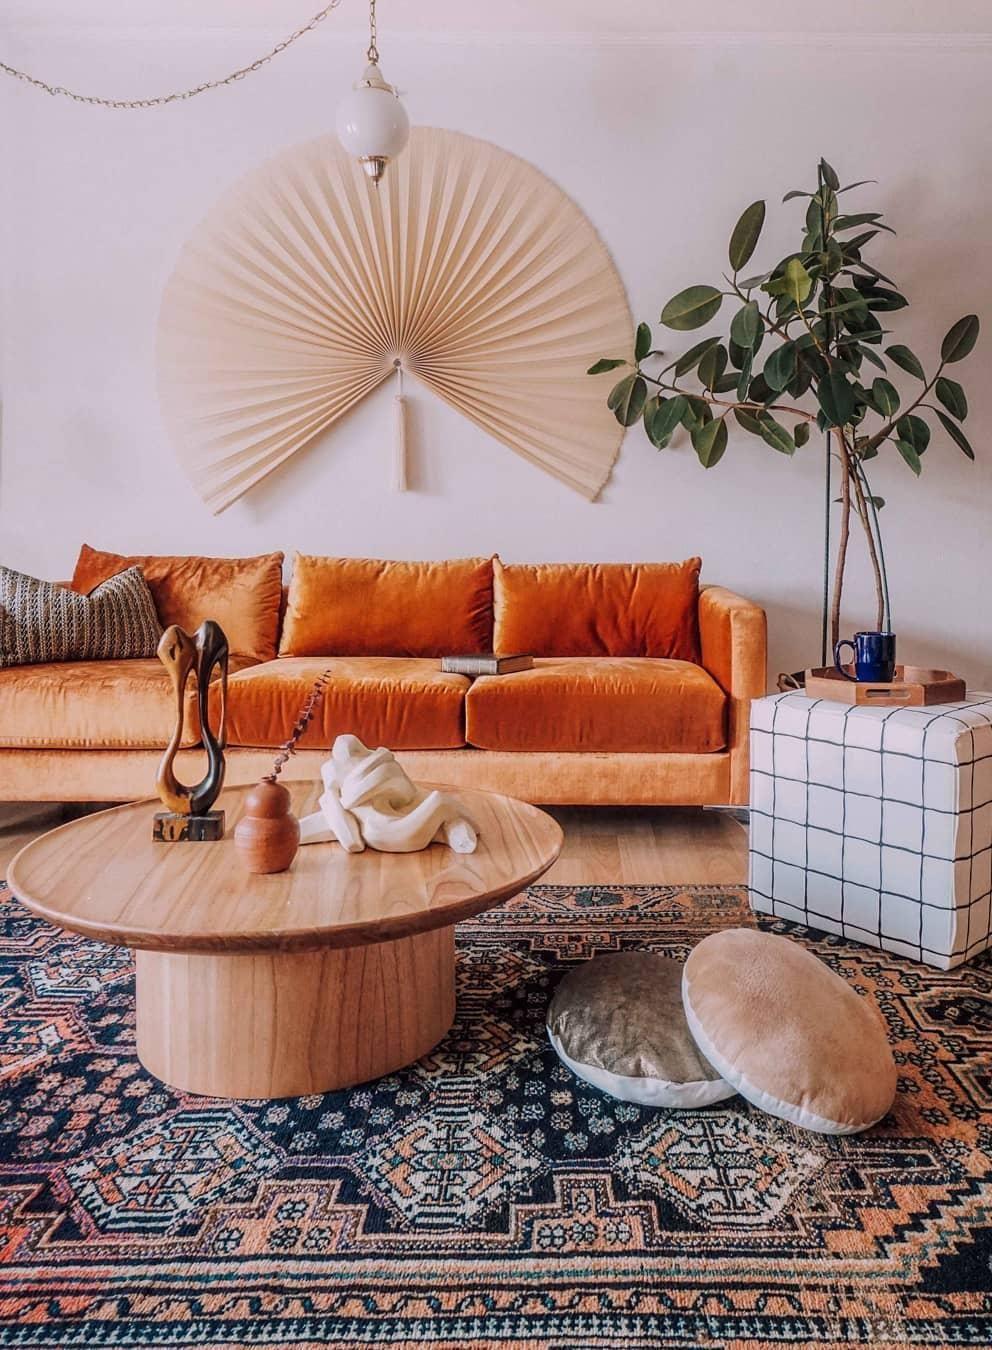 Design Bank Oranje.De Oranje Bank En Het Perzische Tapijt Geven De Ruimte Een